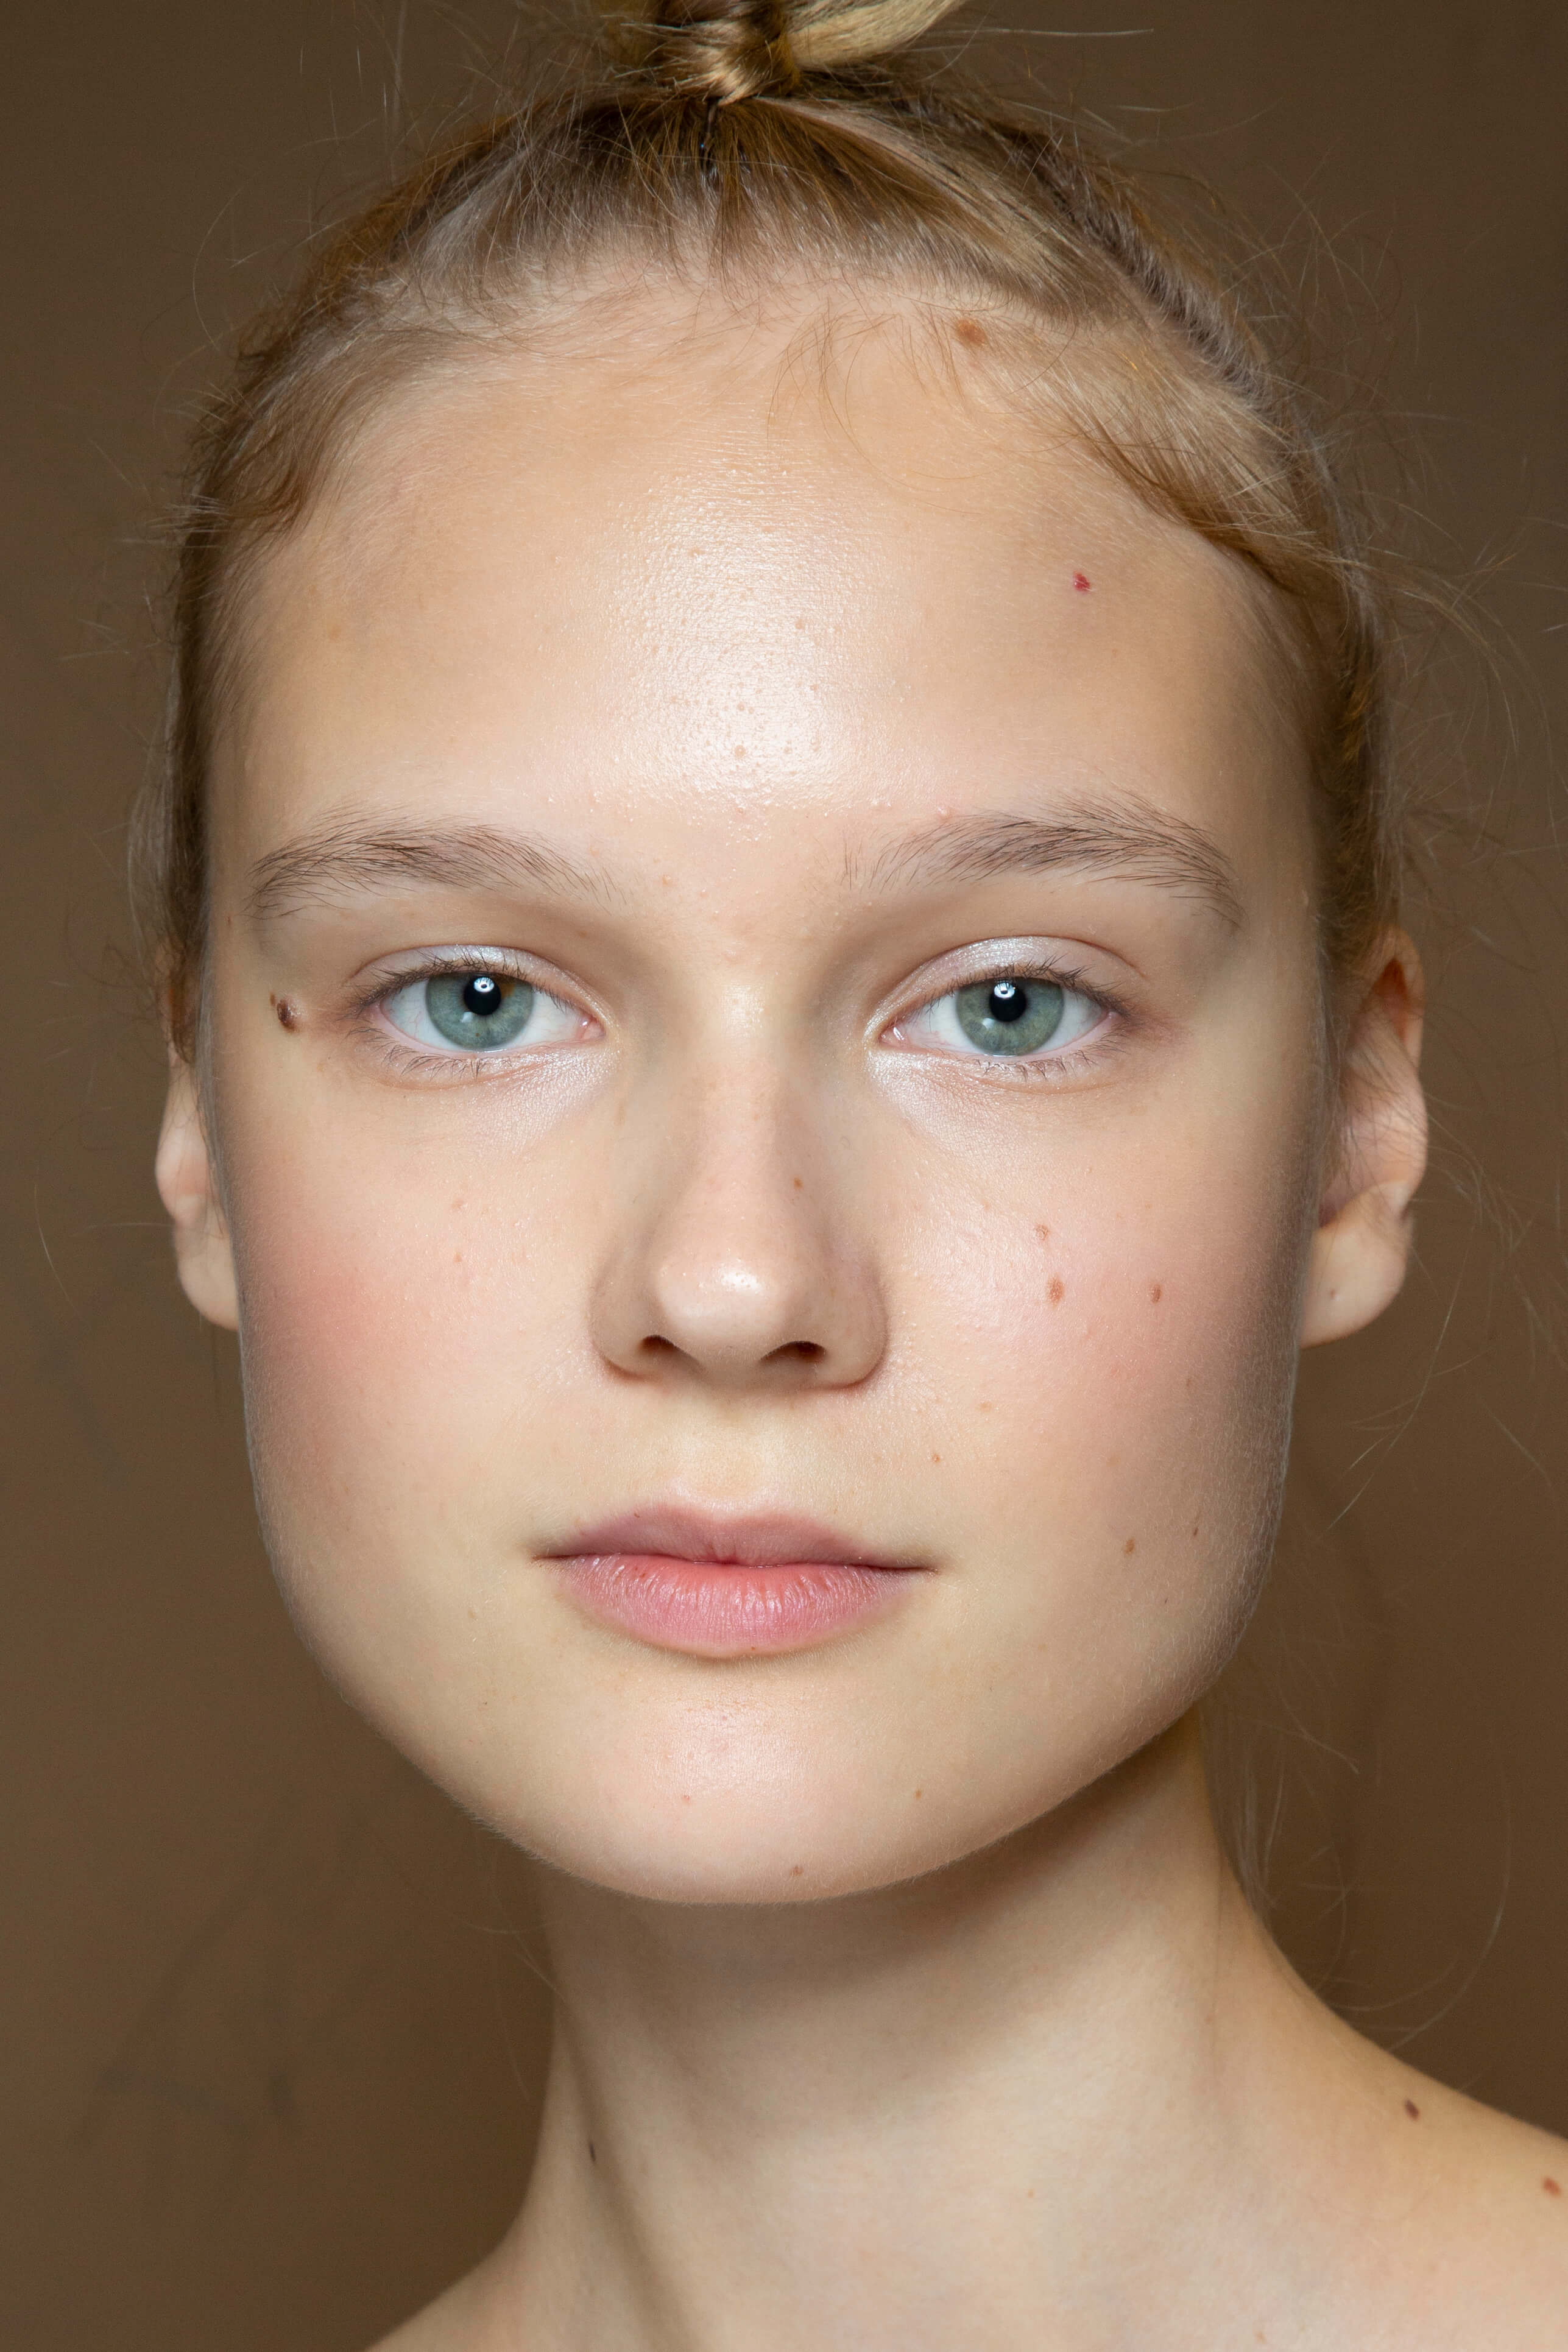 pomysły na ślubny makijaż